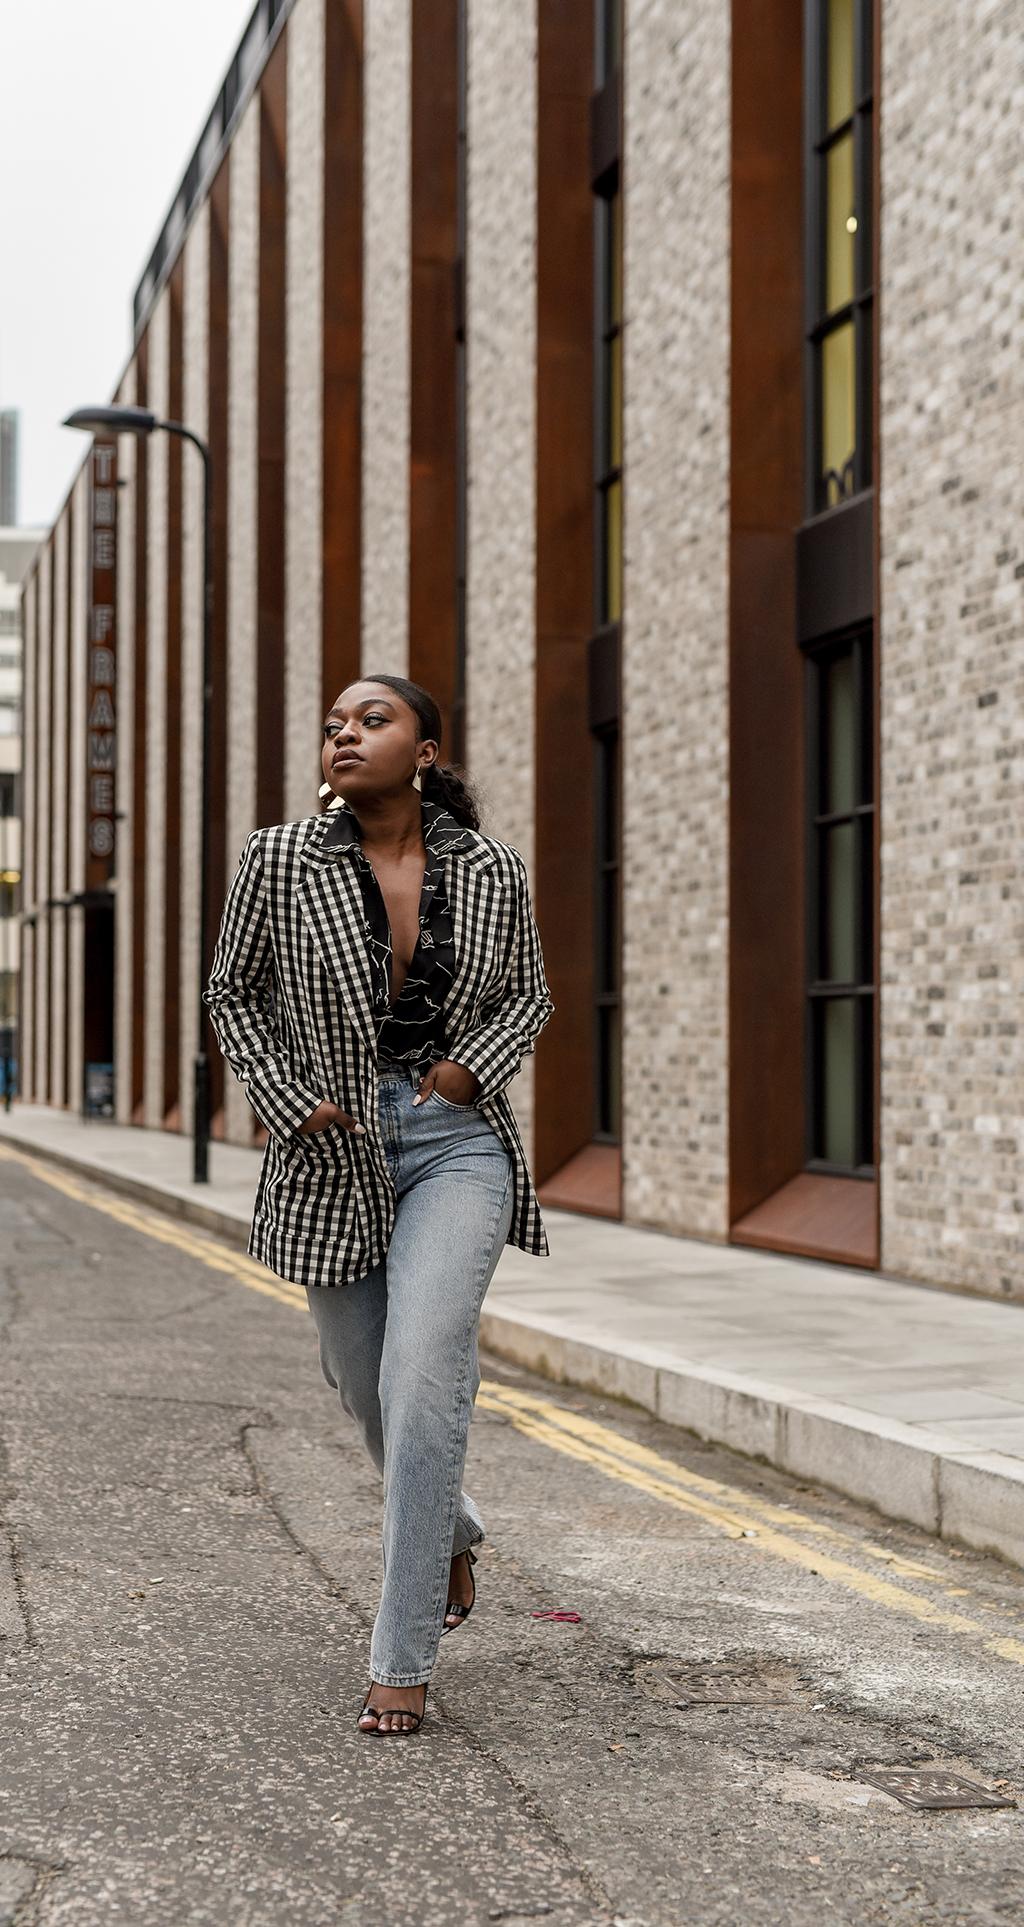 87b577ed1f Mirror Me | London Fashion, Travel & Personal Development Blog | By ...